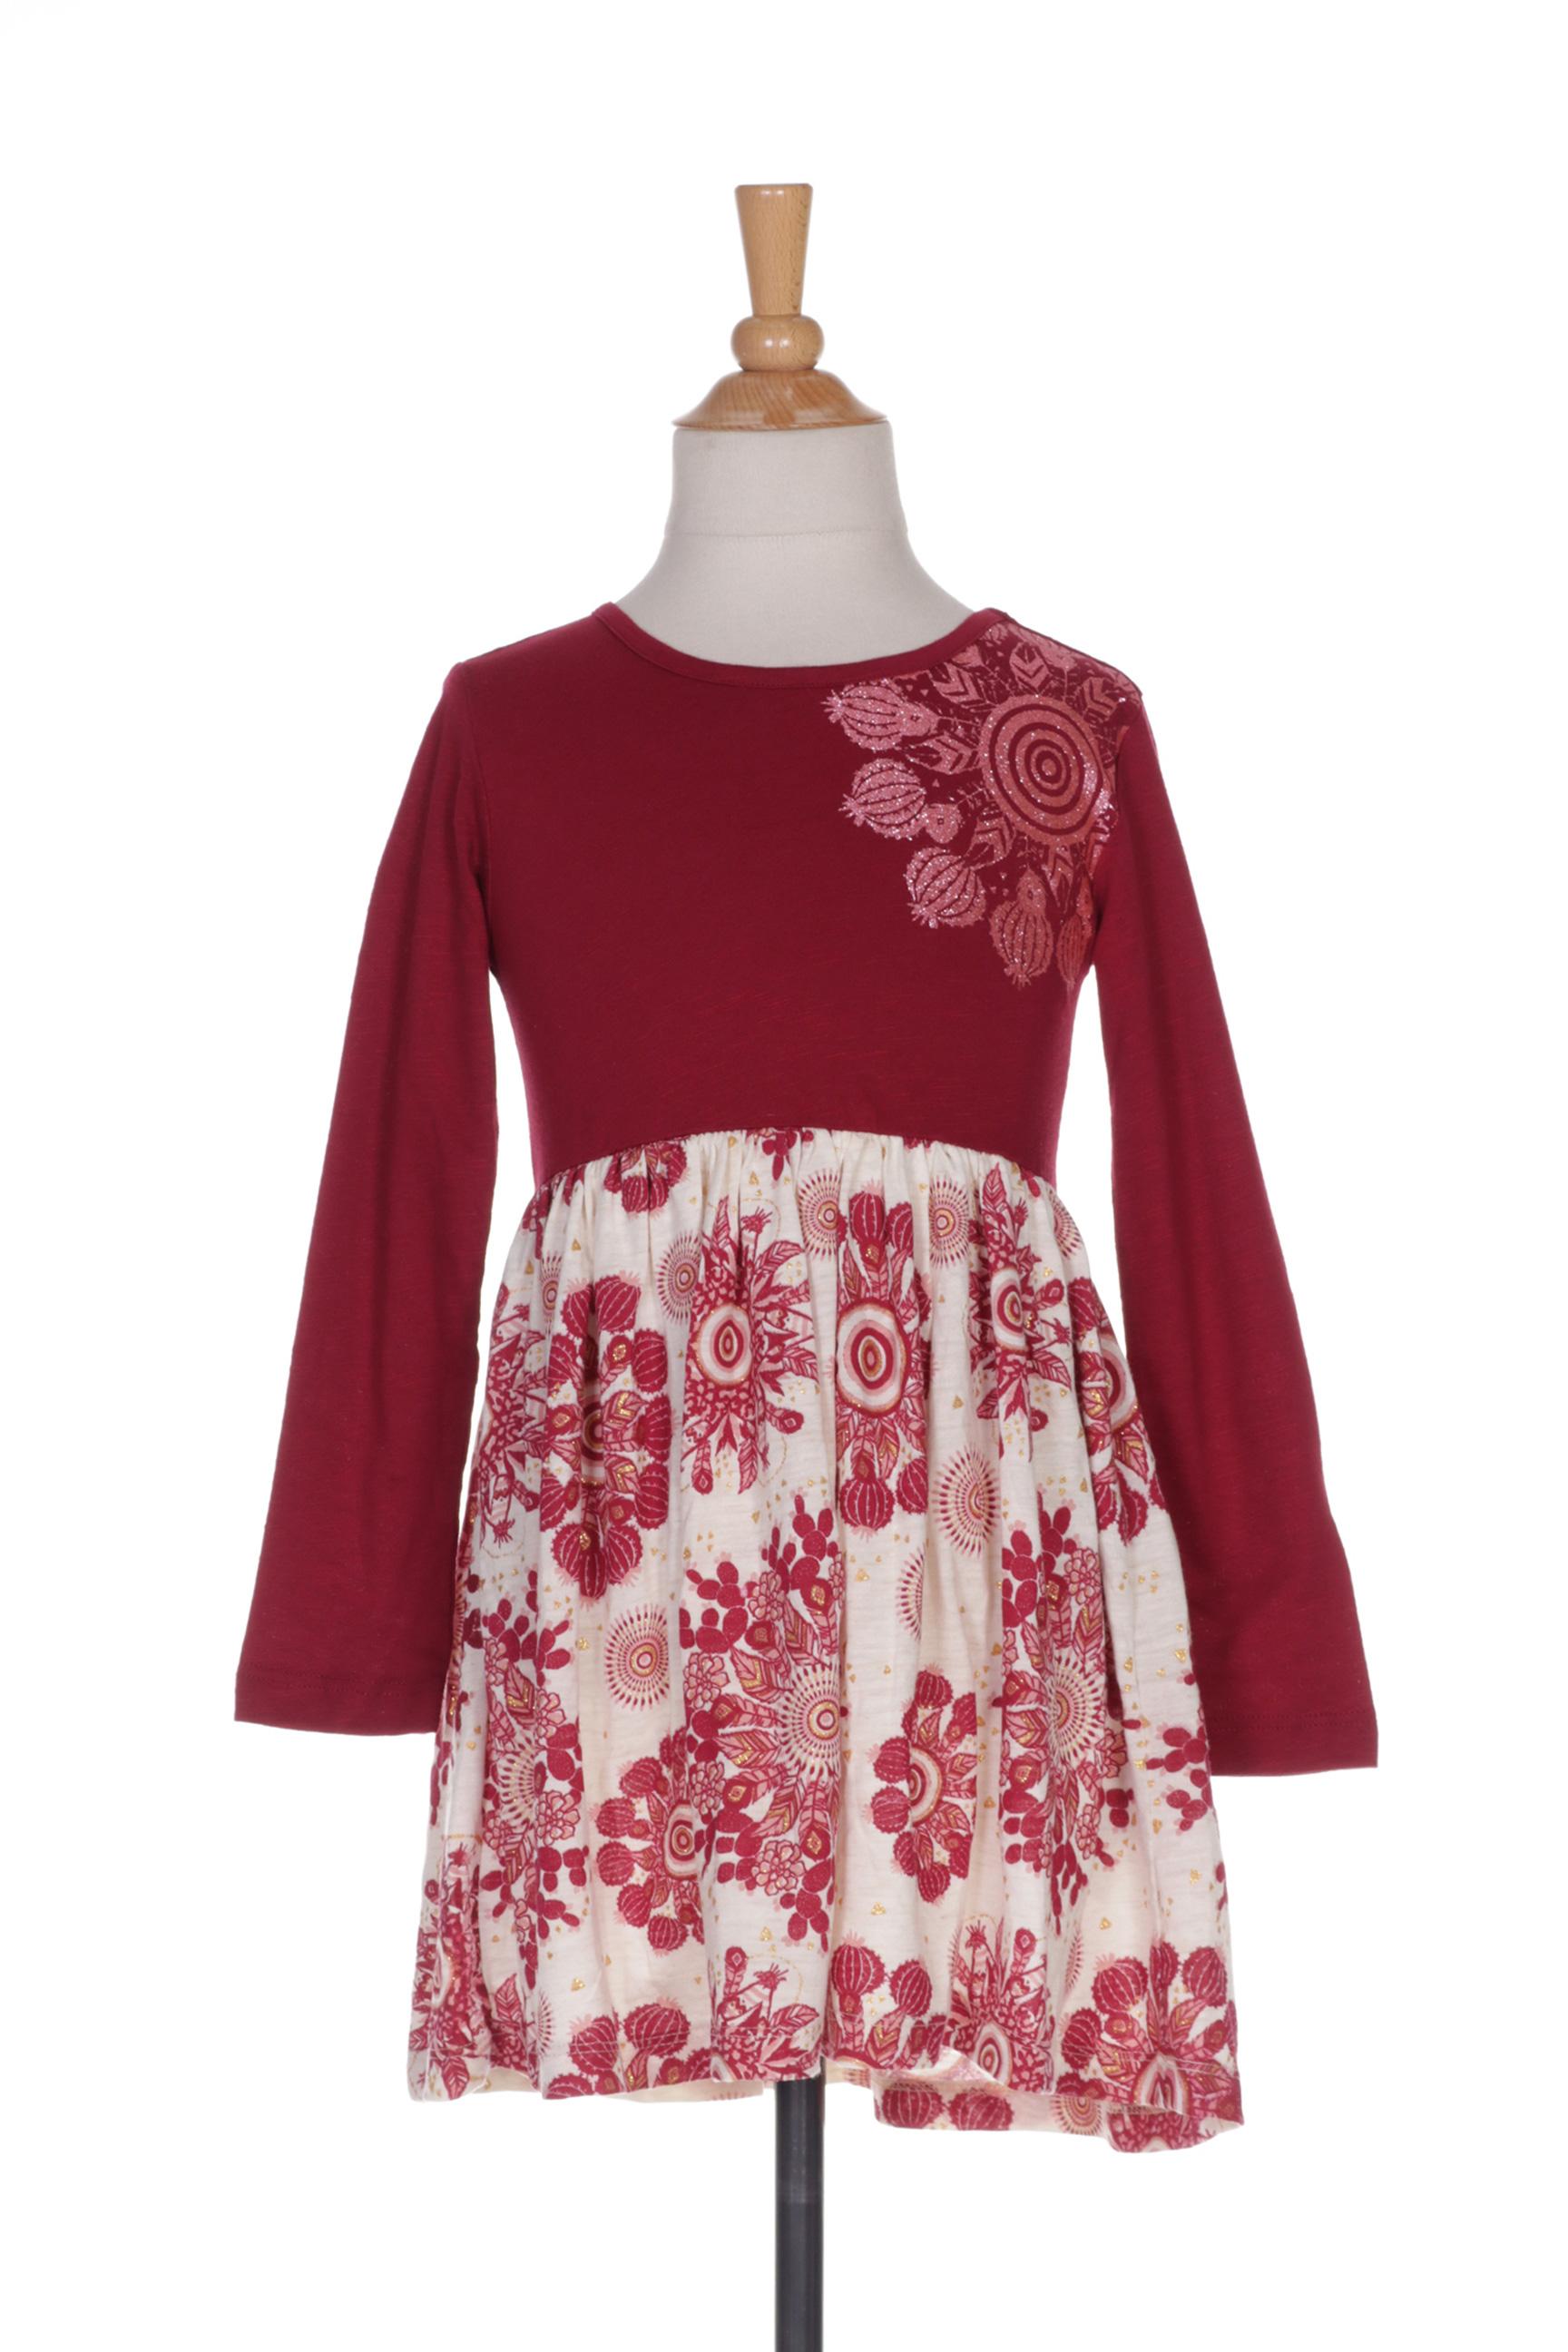 Robes Robes longues de rouge couleur soldes rouge0 DESIGUAL pas 1351764 Modz mi en cher EDH9YbeW2I